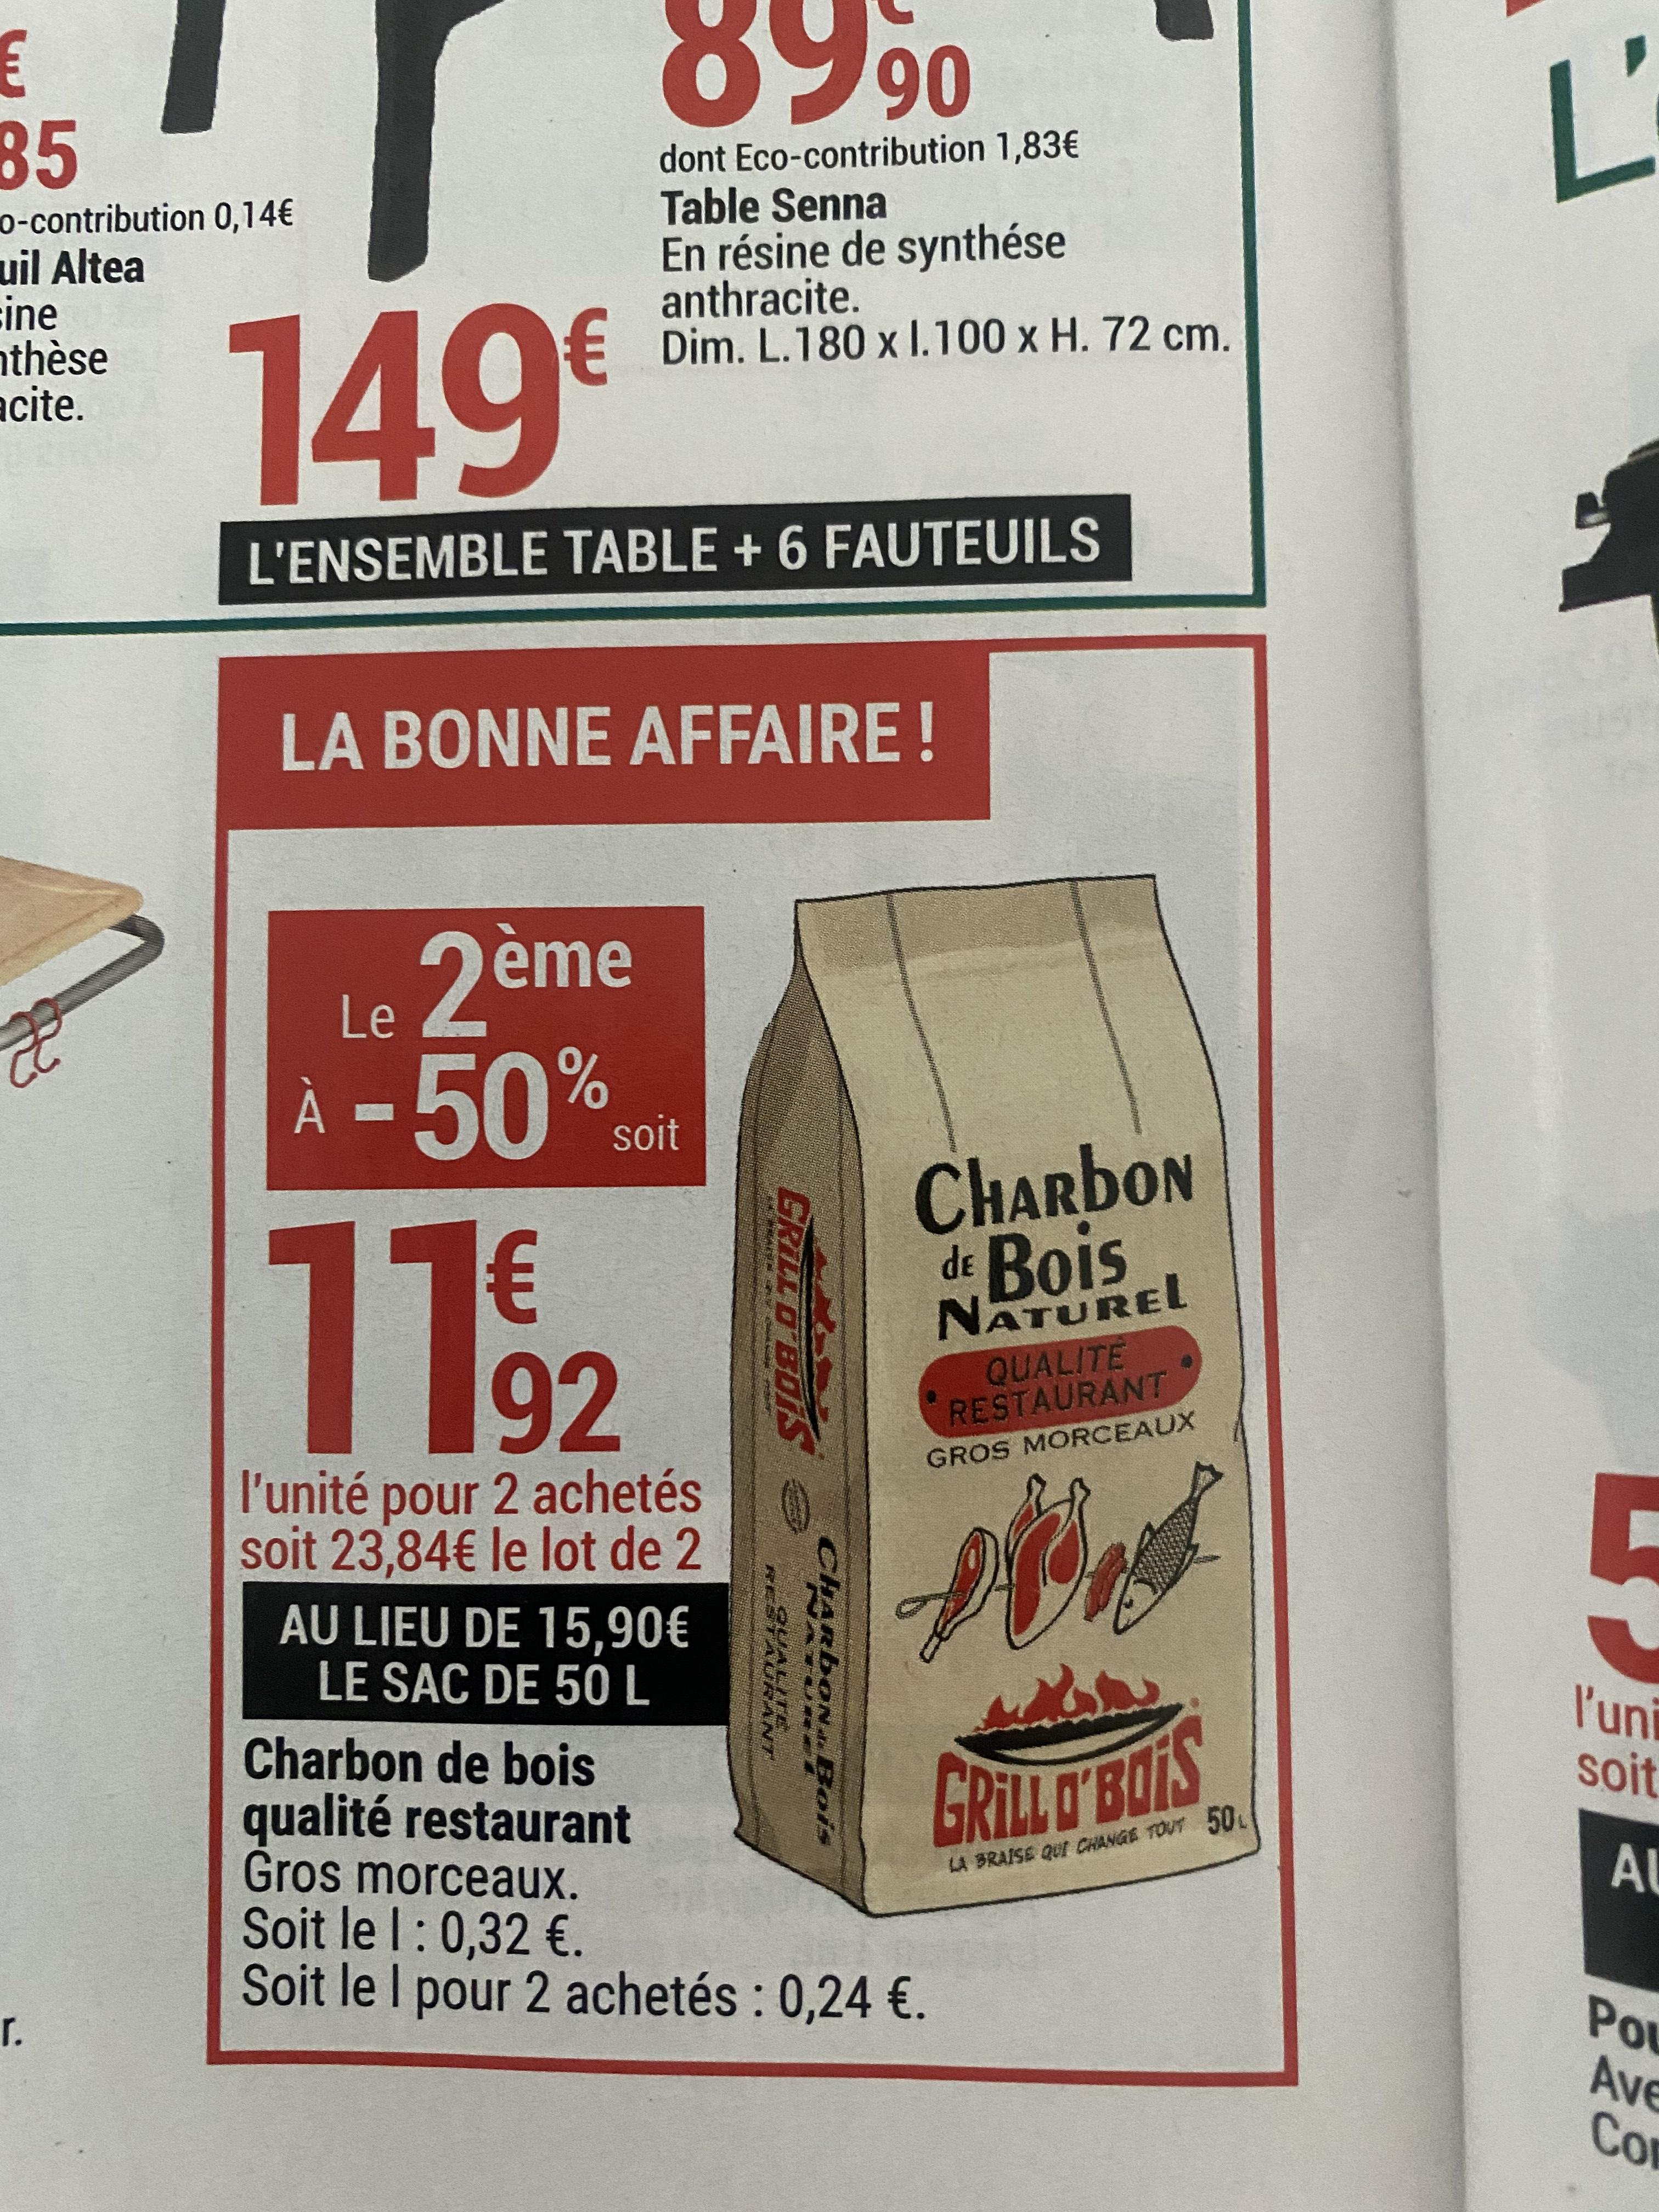 2 sacs Charbon de bois Grill O'Bois, 2 x 50L - Hauts-de-France